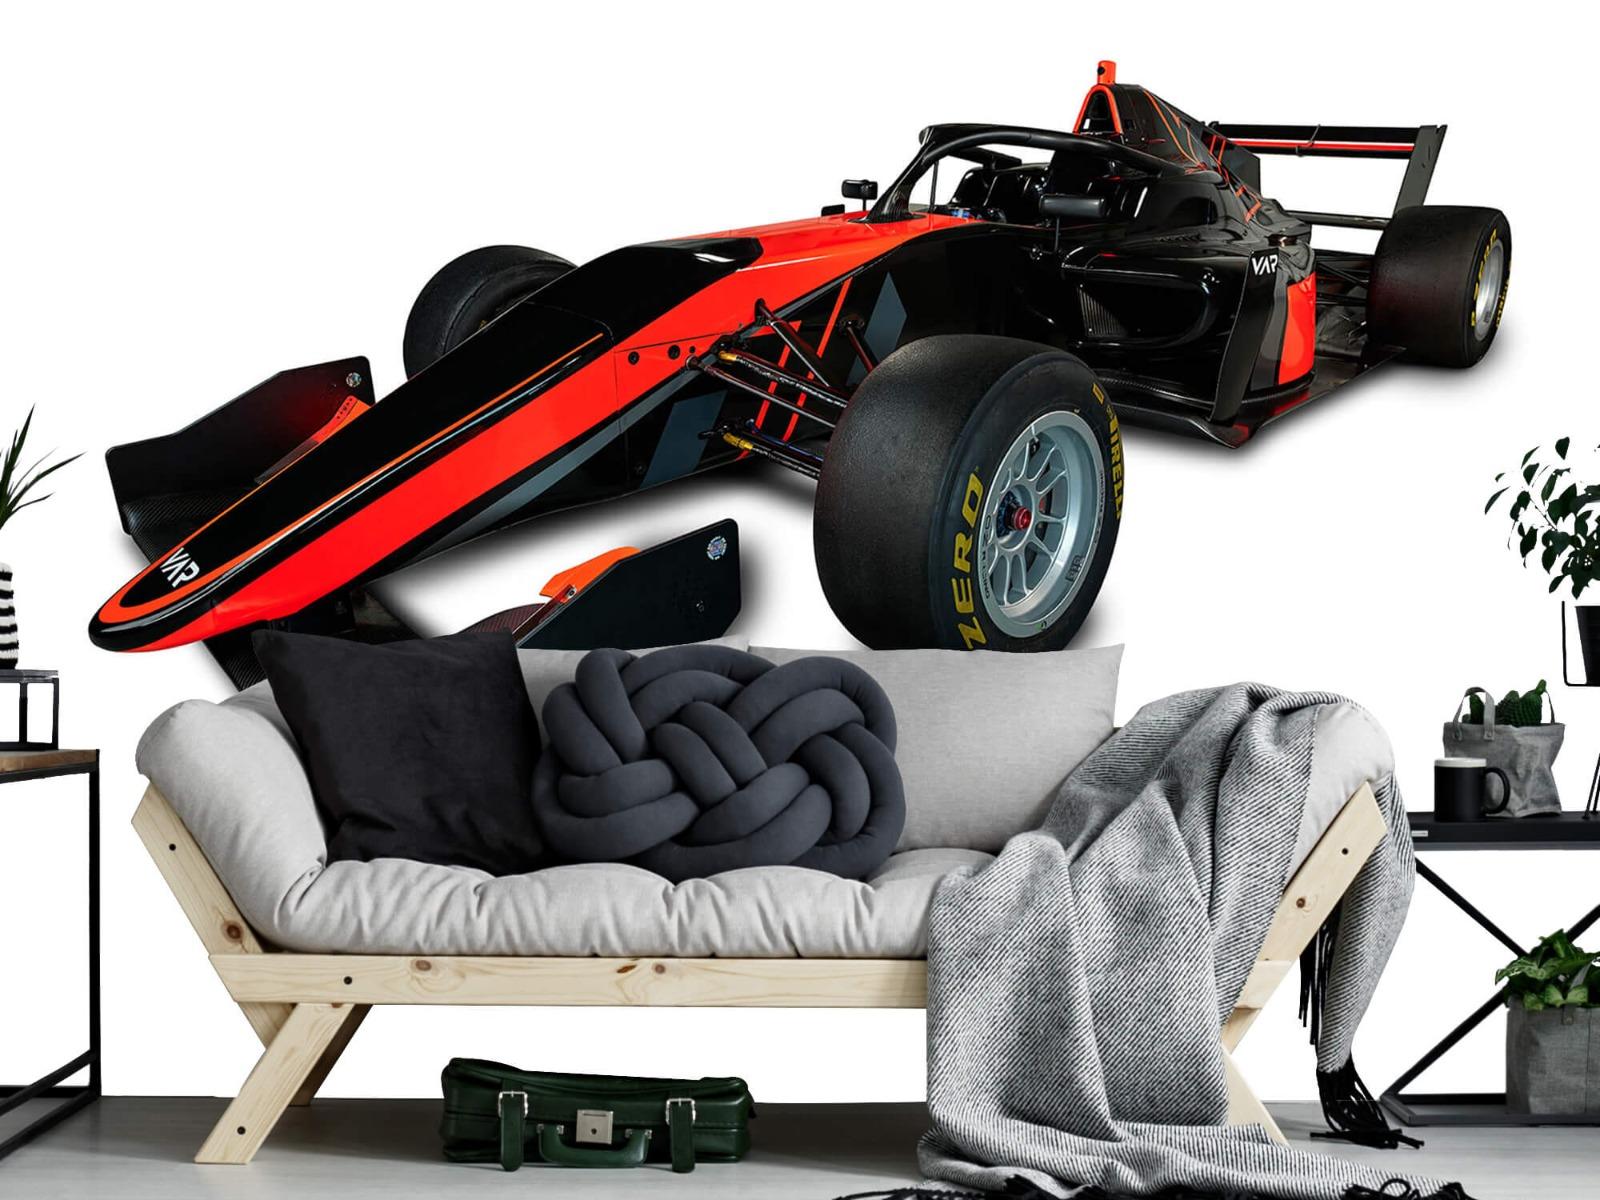 Sportauto's - Formule 3 - Left front view - Tienerkamer 6